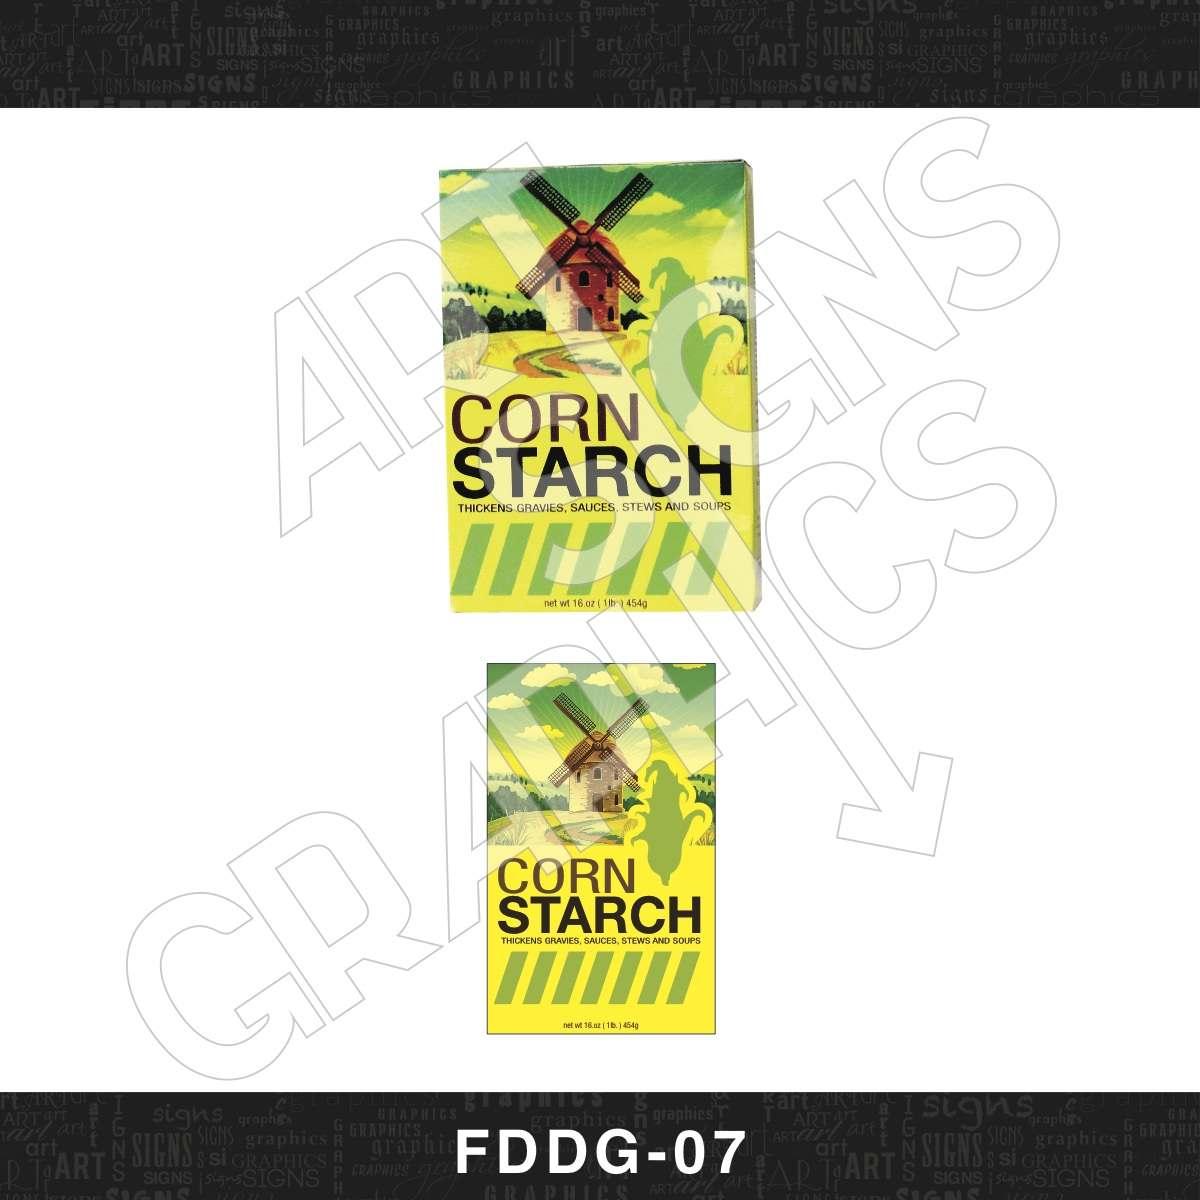 FDDG-07.jpg